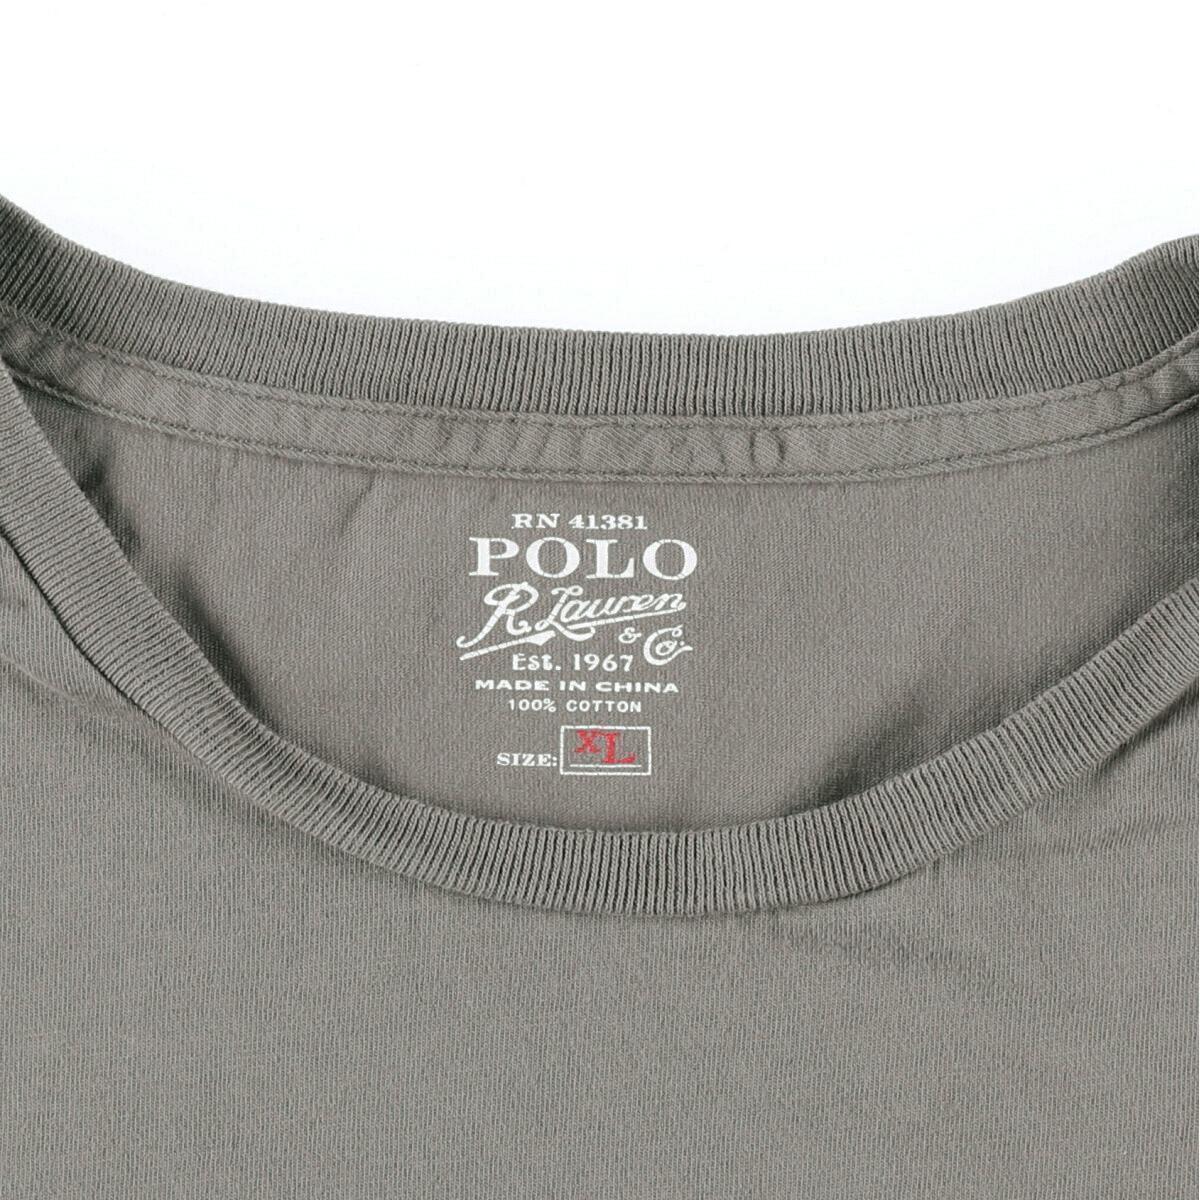 ラルフローレン Ralph Lauren POLO RALPH LAUREN 半袖 ワンポイントロゴポケットTシャツ メンズXL /eaa161576_画像3